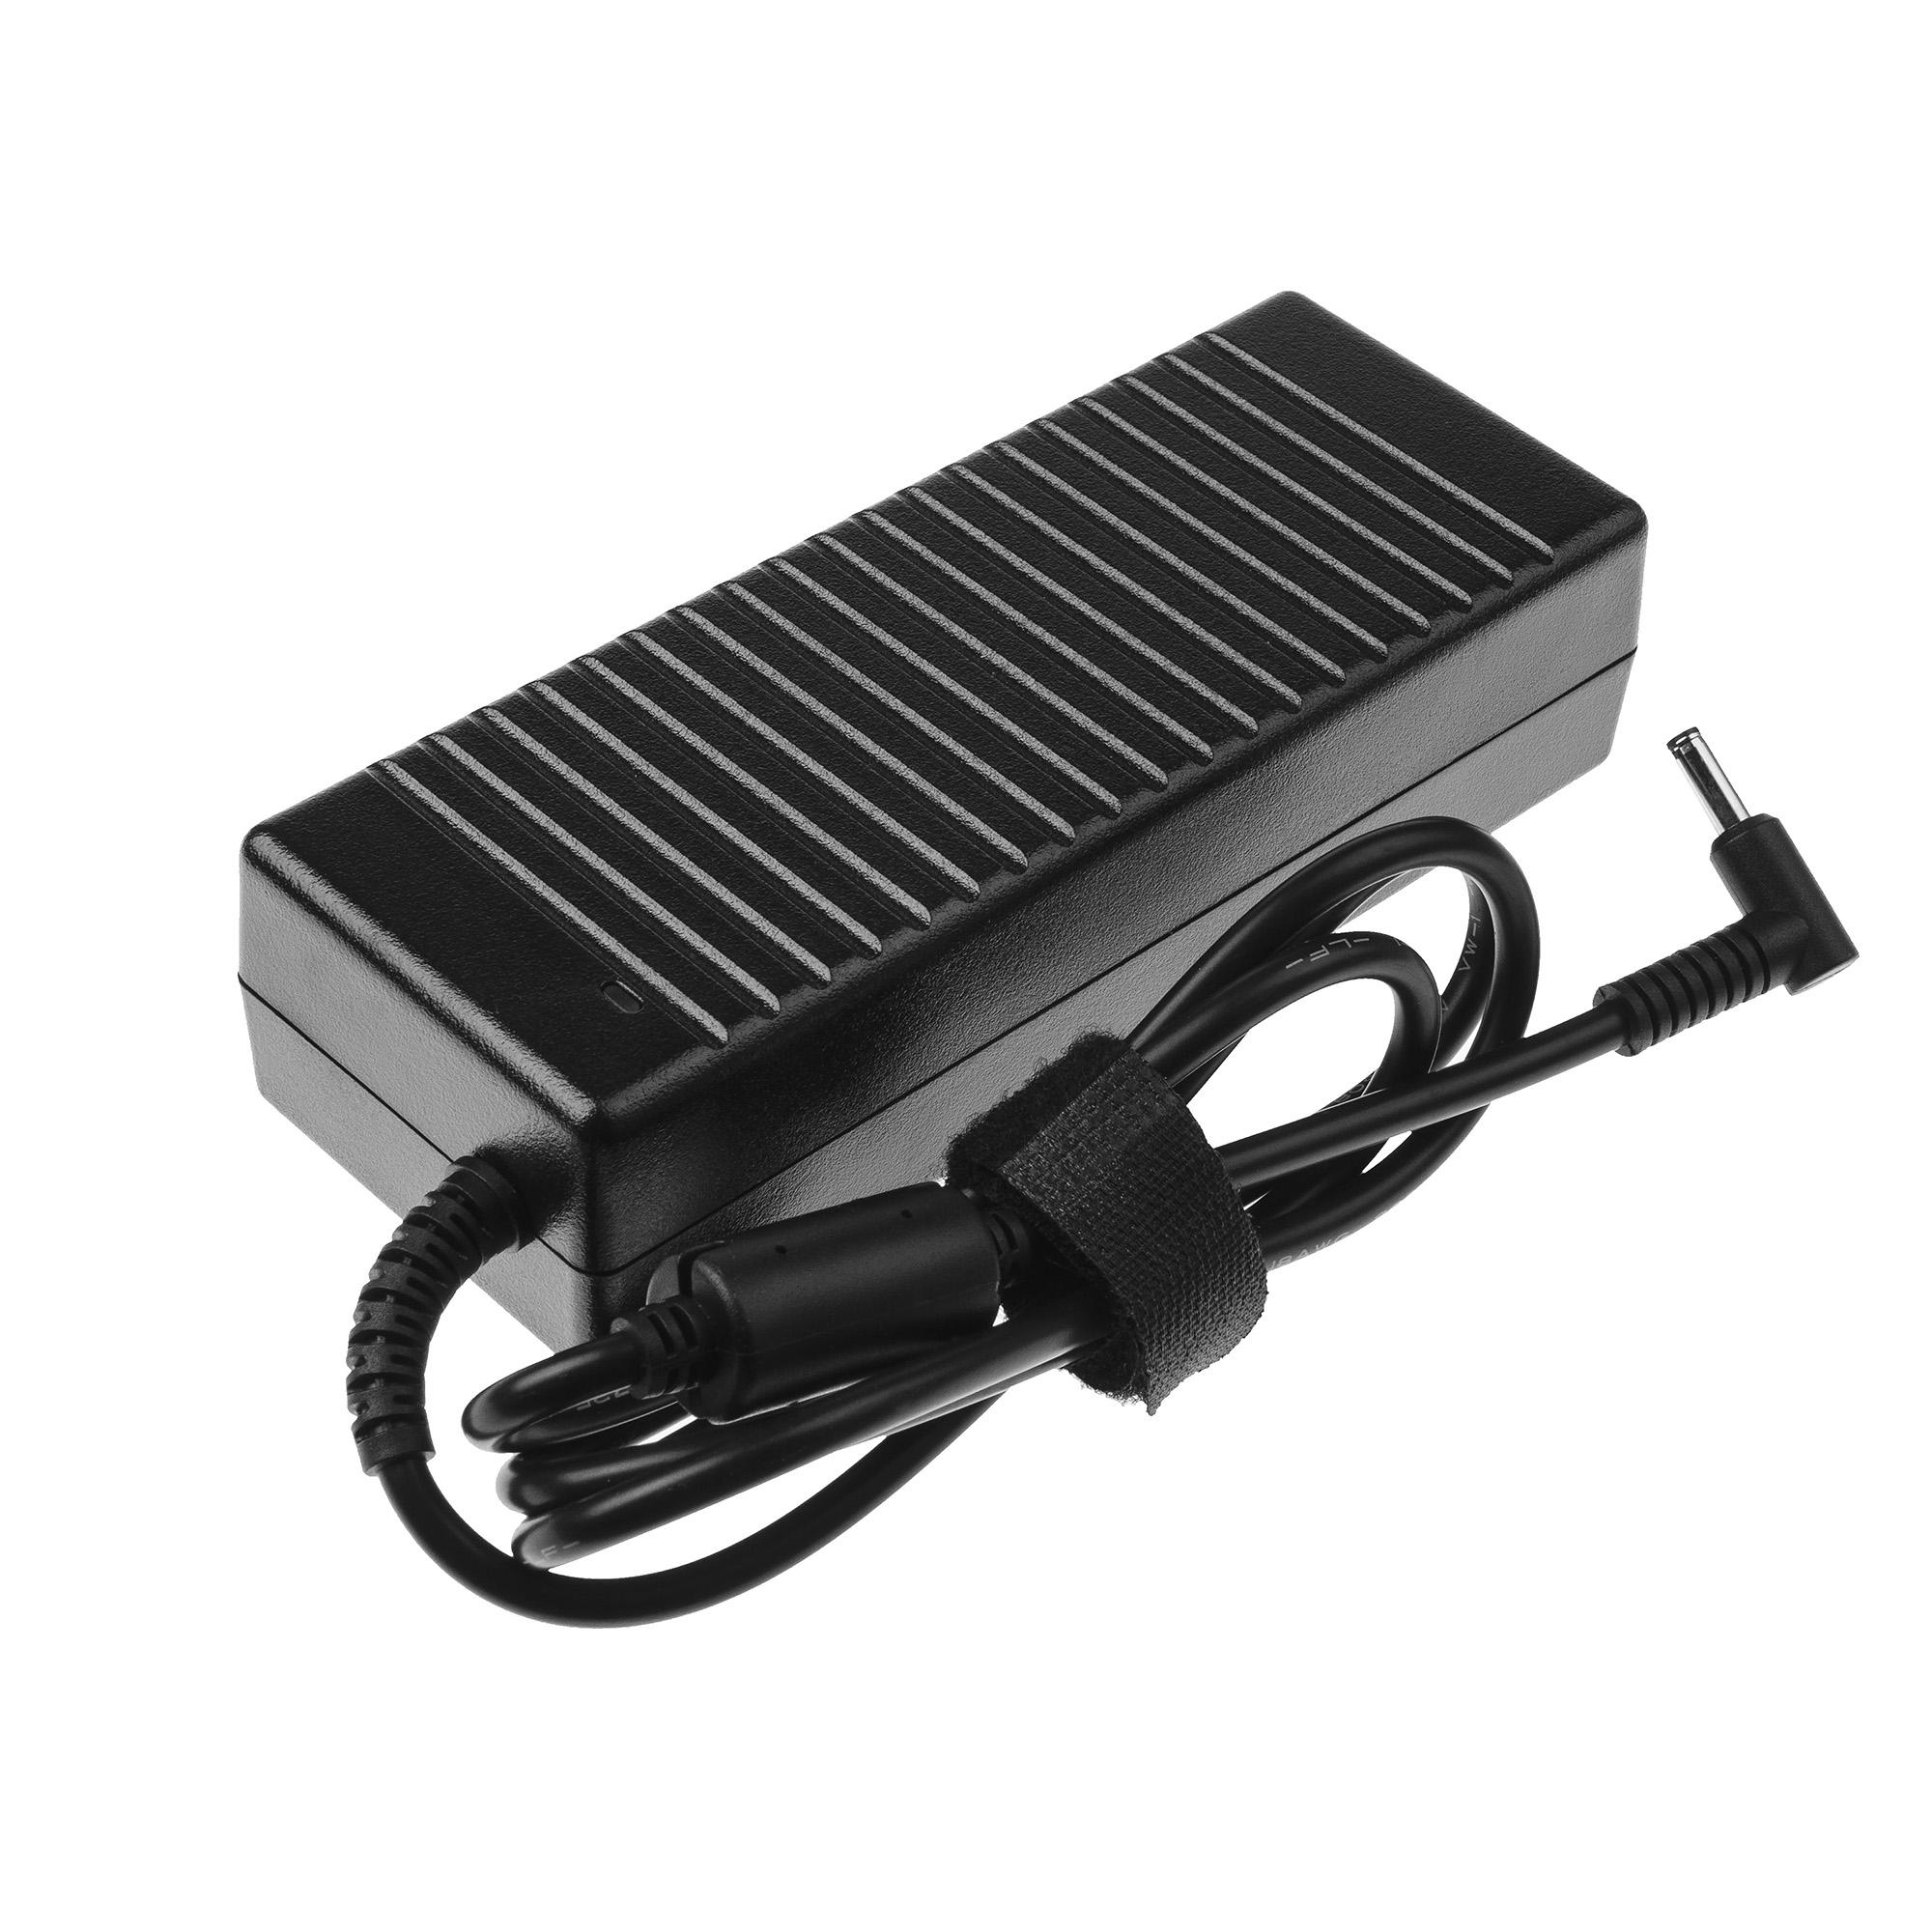 Cargador-Asus-ROG-G501-G501VW-19V-6-32A